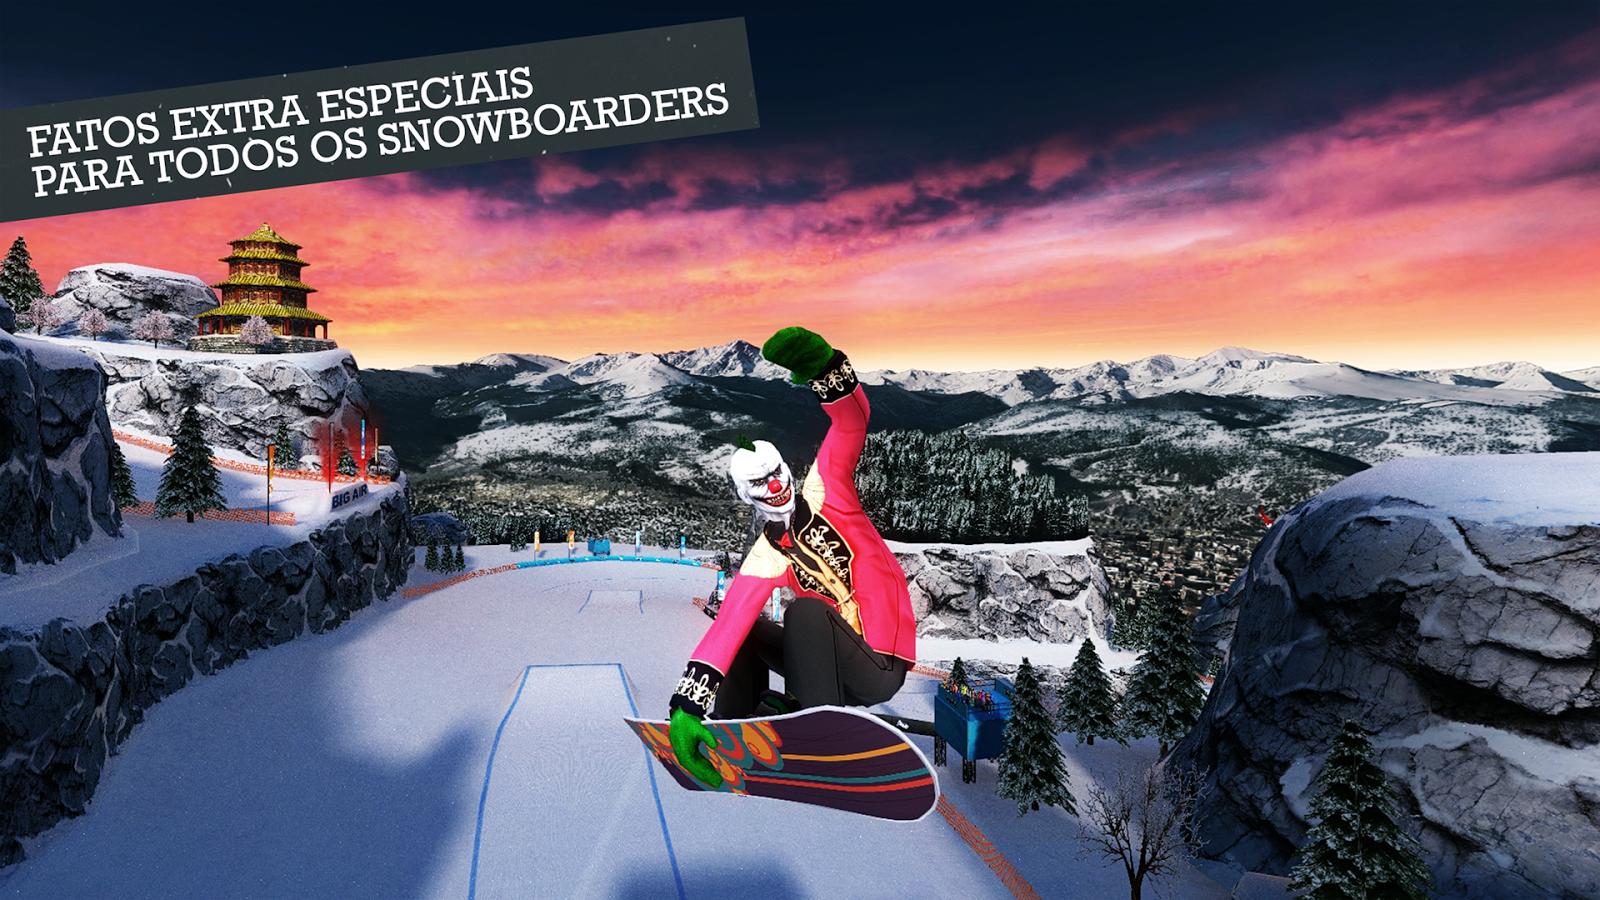 Snowboard Party PRO GRÁTIS